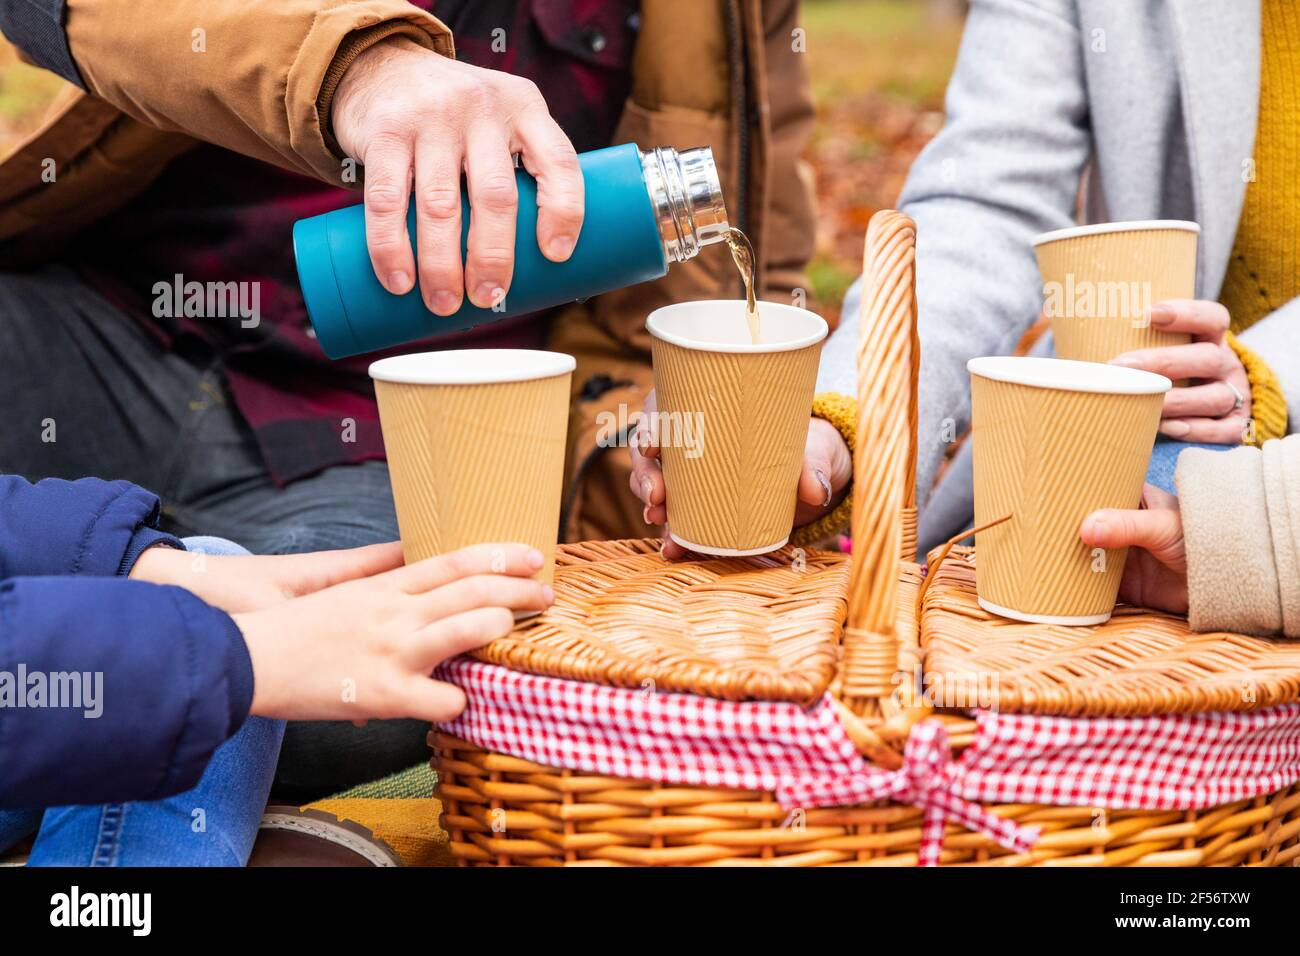 Le père verse du café dans une tasse tout en étant assis avec sa famille forêt Banque D'Images